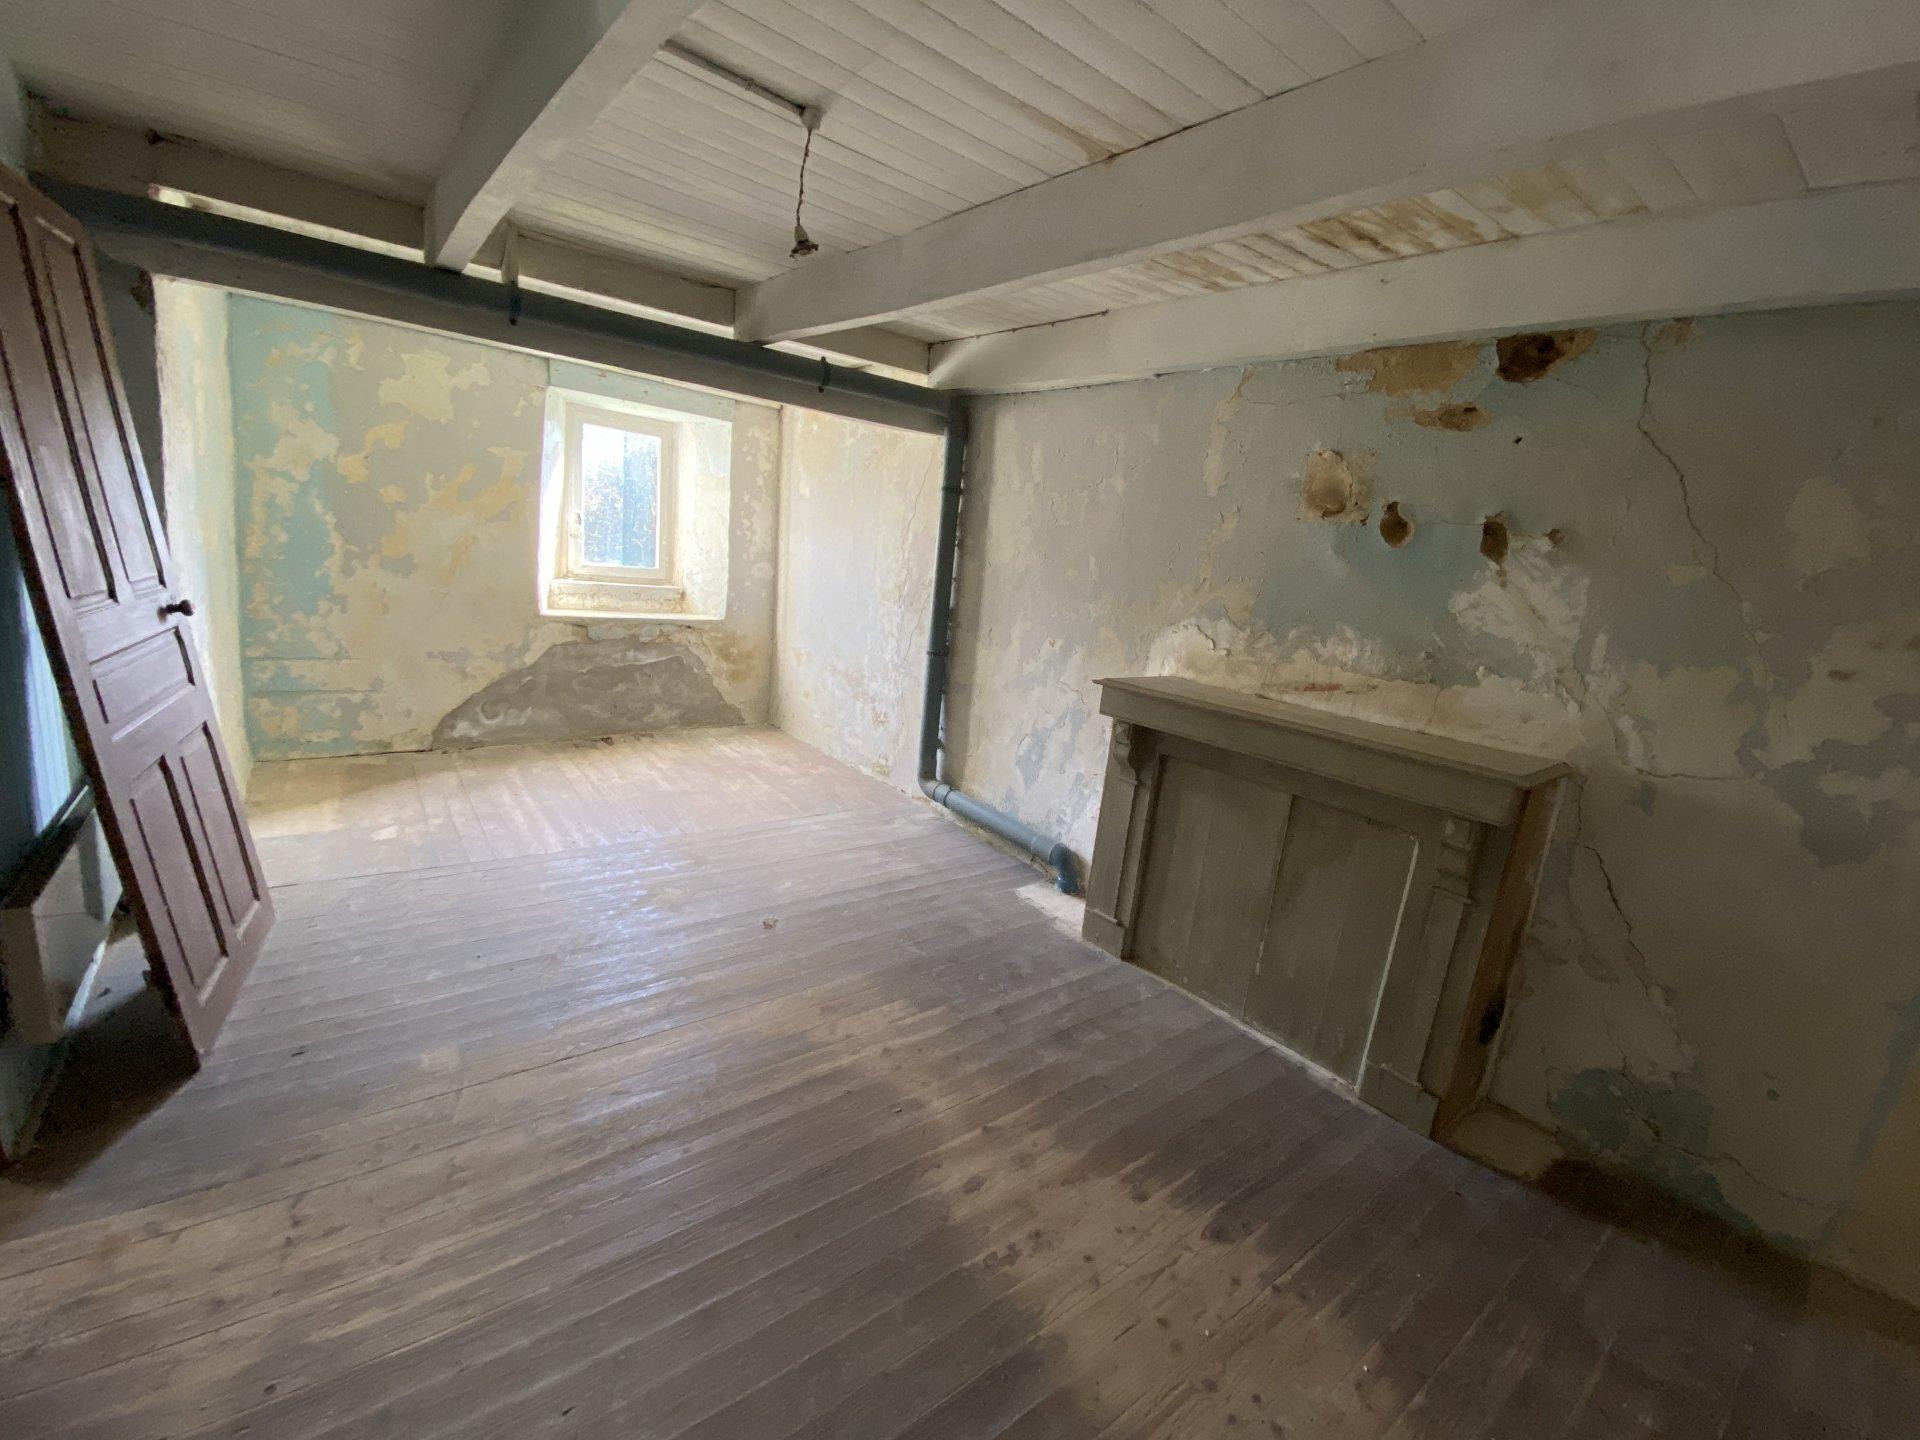 A vendre Guiclan Maison en campagne